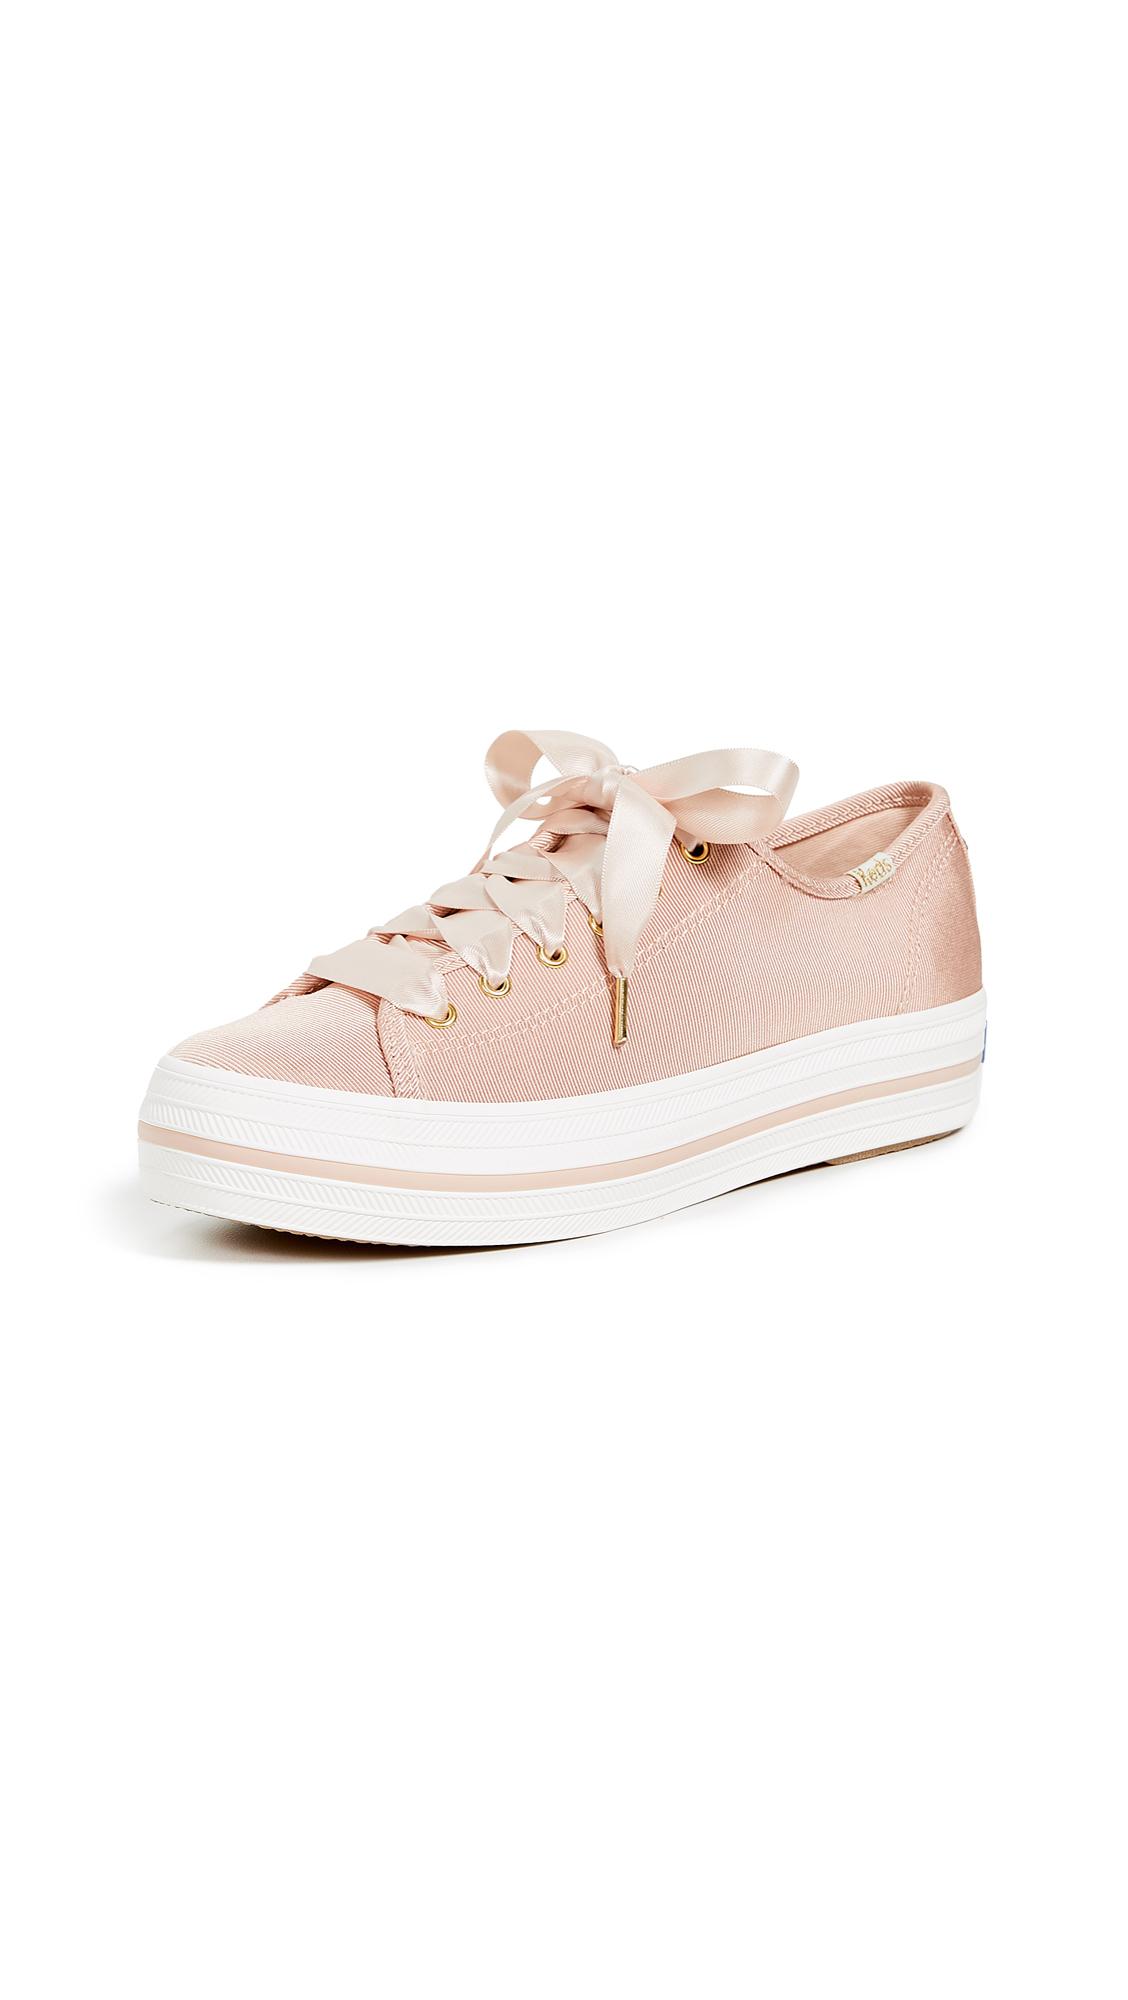 KEDS X Kate Spade Triple Kick Sneakers in Blush